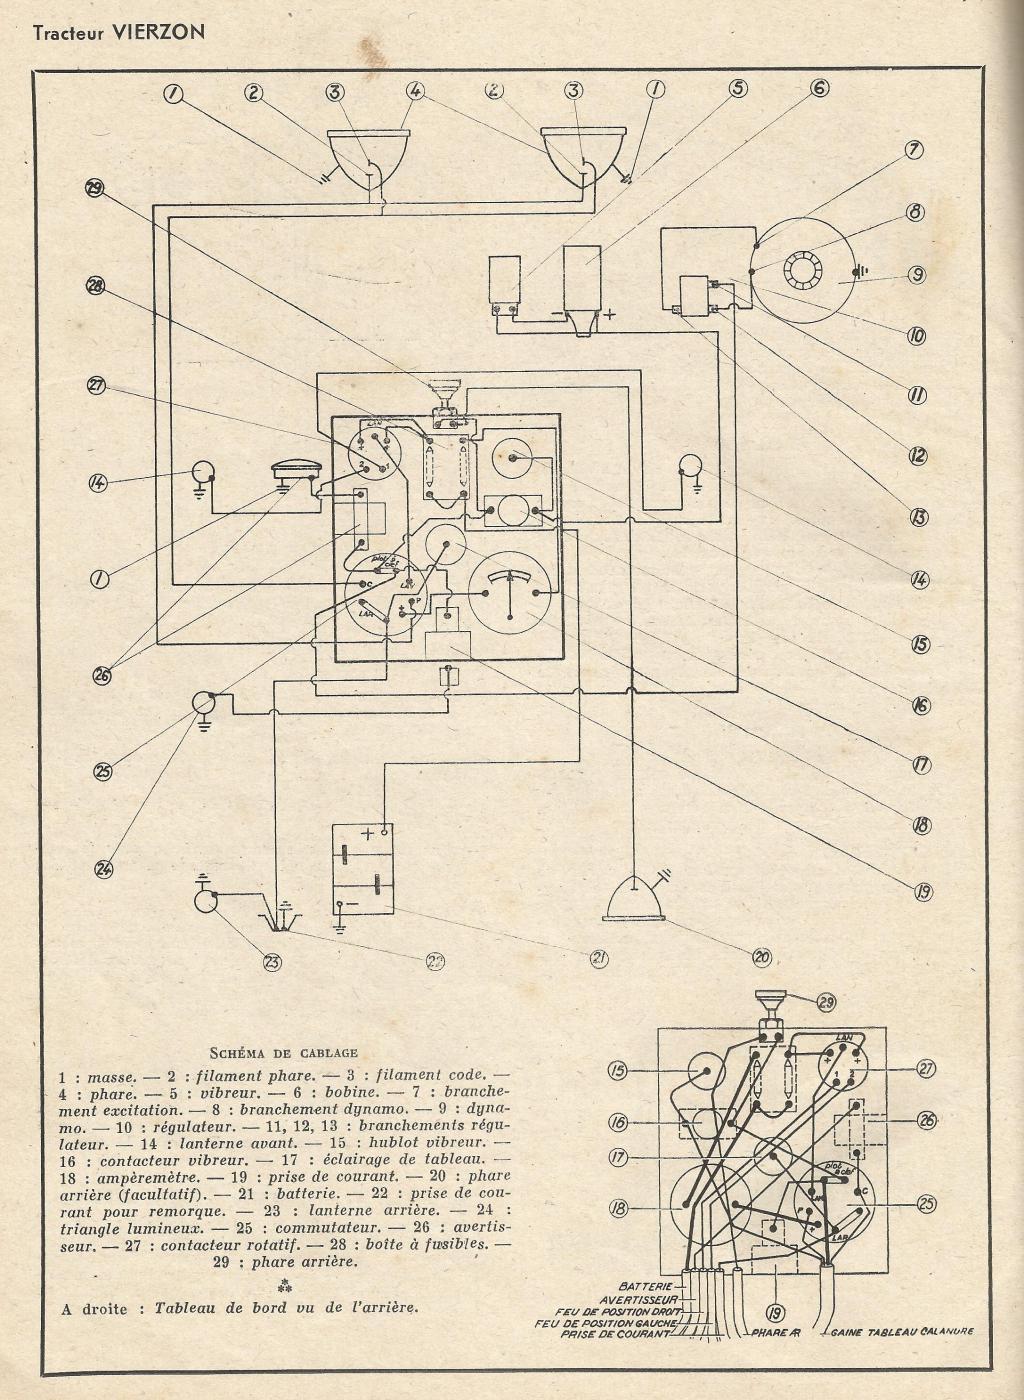 Les fous du vierzon alternateur - Branchement coupe circuit 6 poles ...